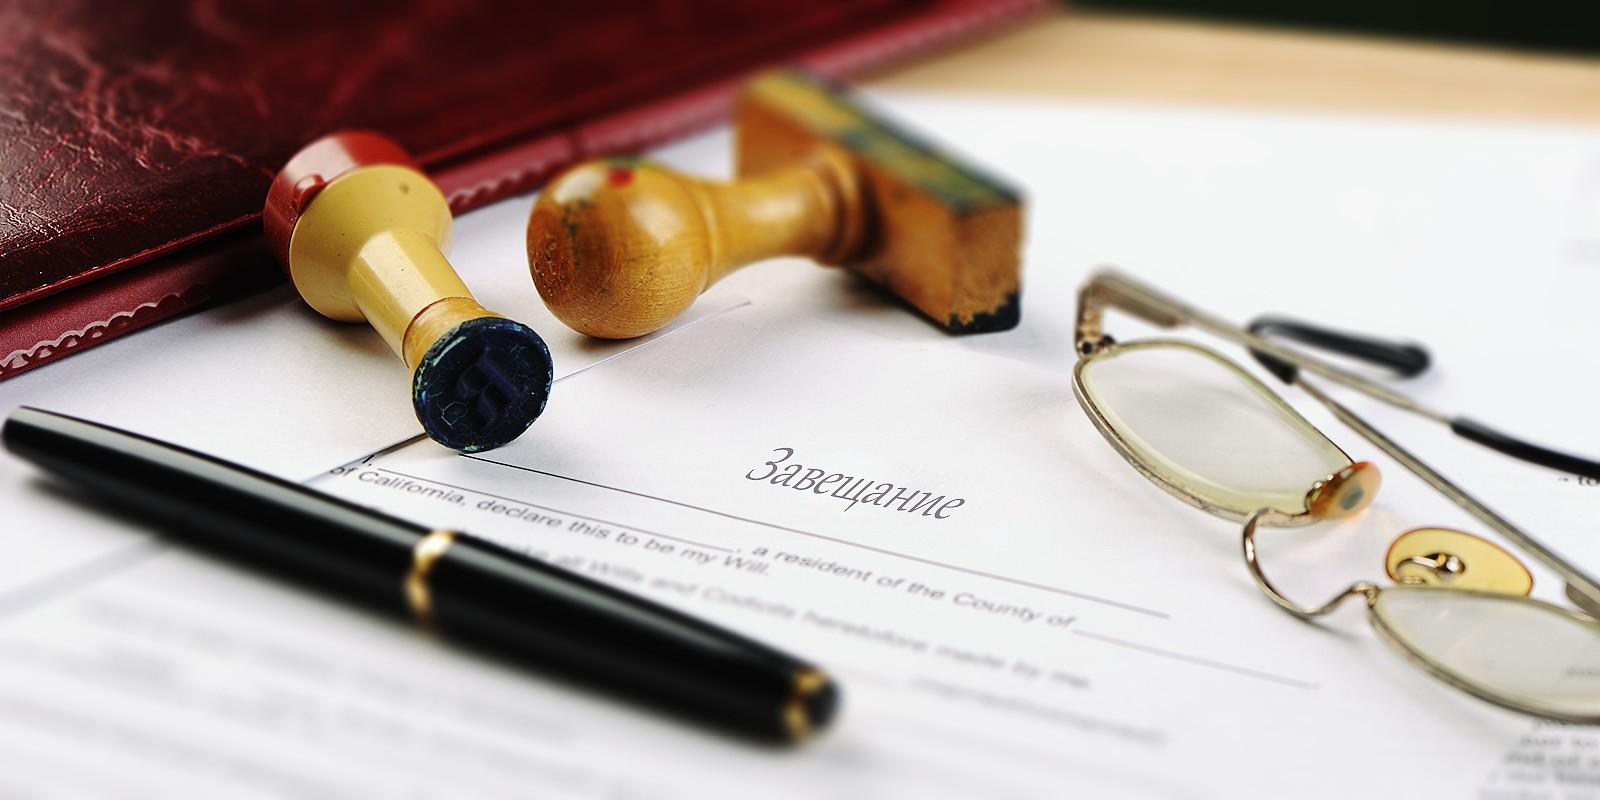 Переходит ли задолженность по налогам по наследству